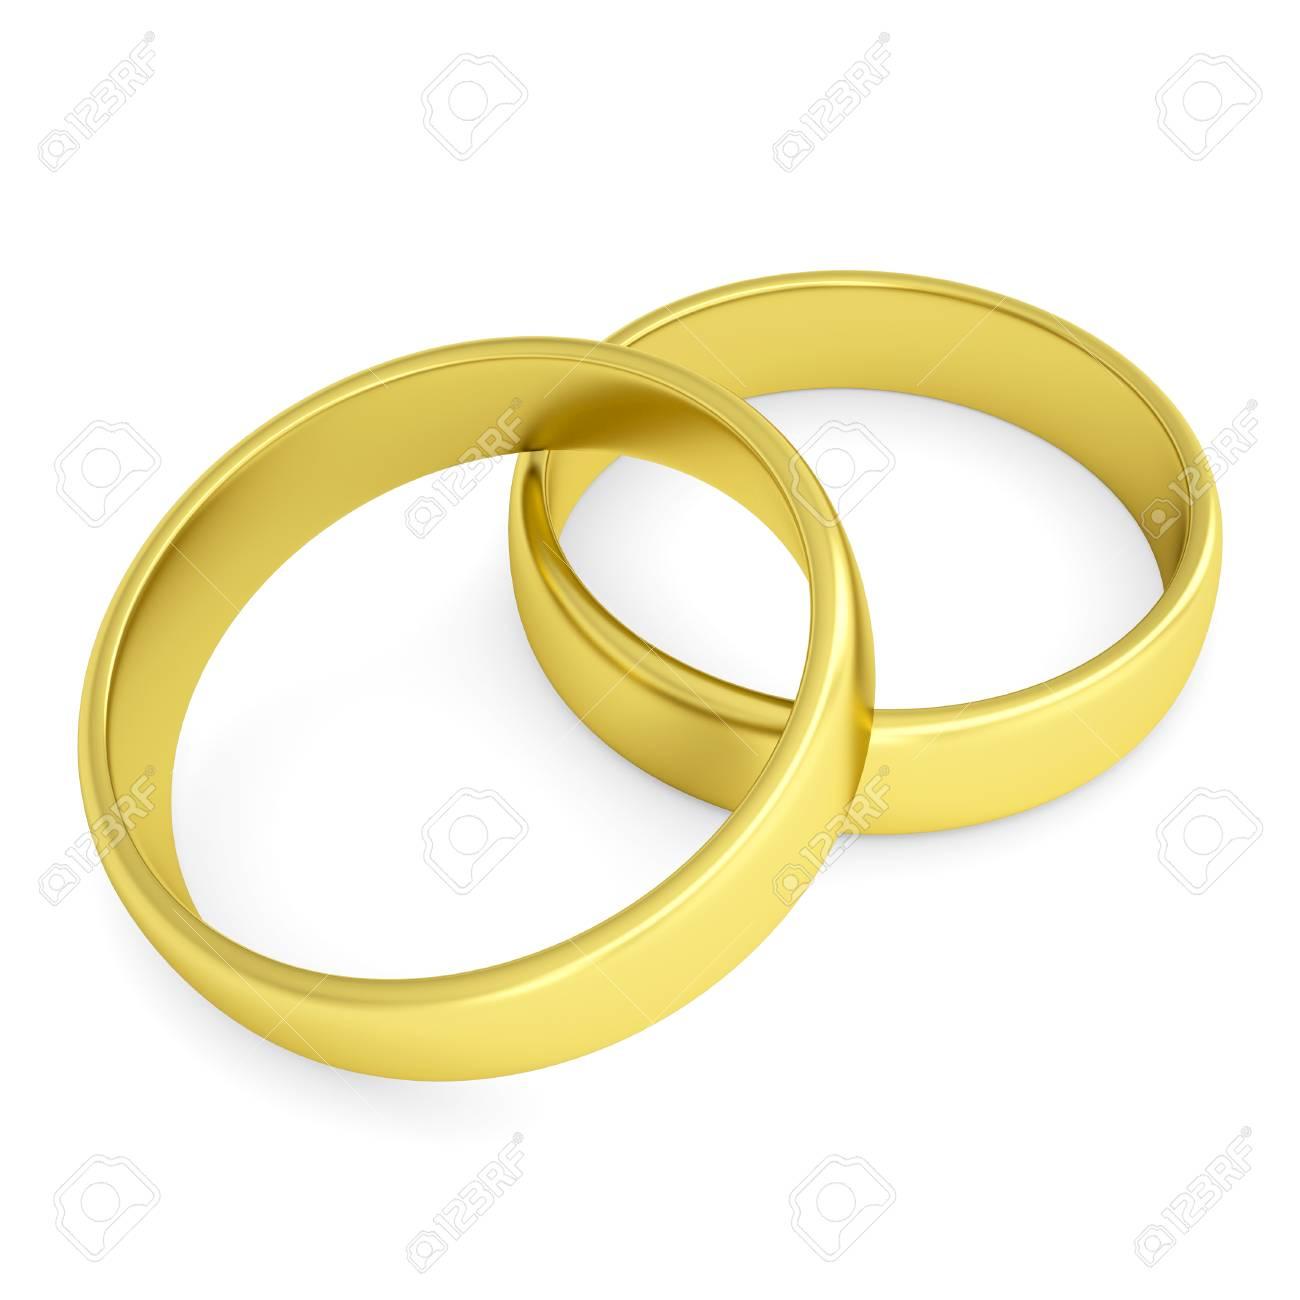 Zwei Goldene Hochzeit Ringe Isoliert Render Auf Weissem Hintergrund